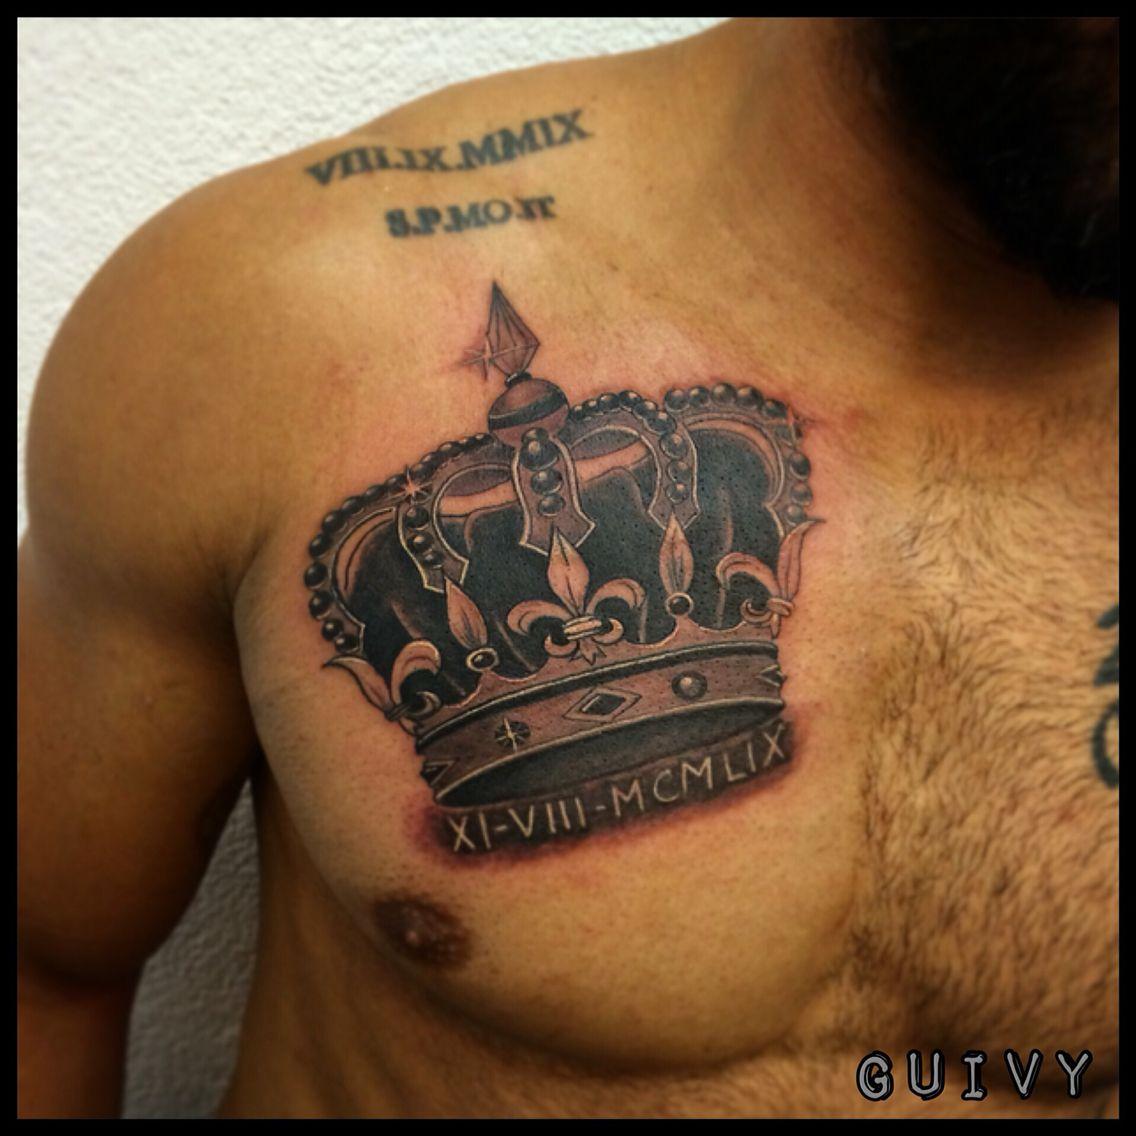 Wzory Tatuaży, Tatuaże Rękawy, Tatuaż